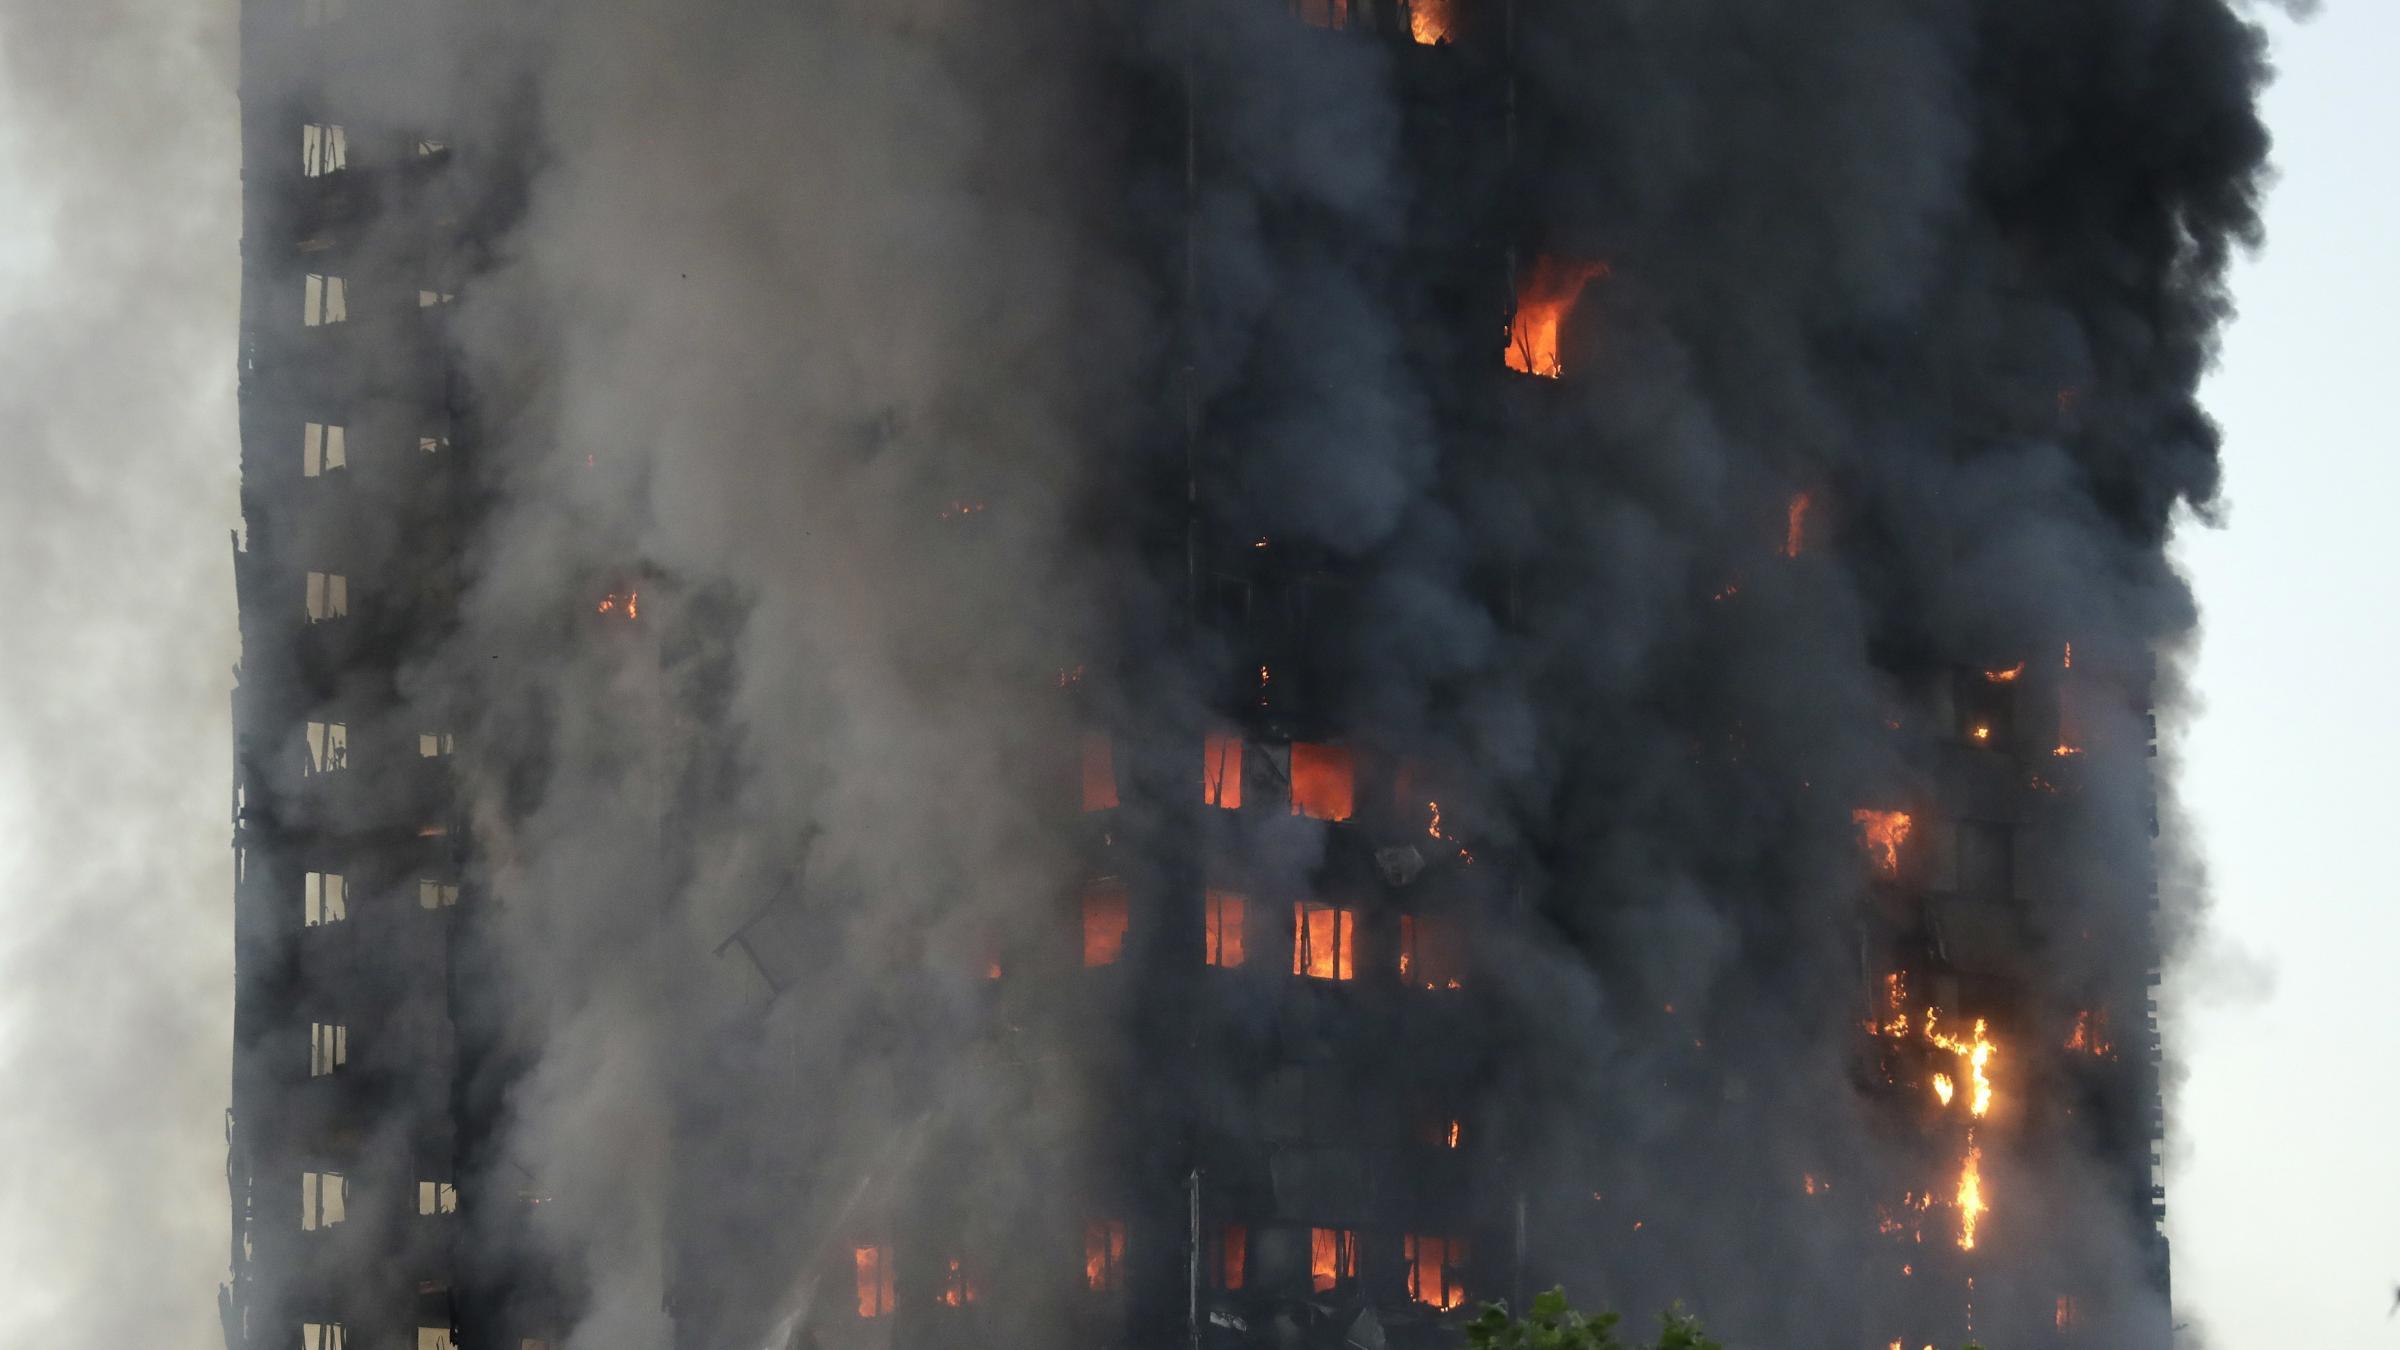 London fire: Blaze engulfs apartment block in West London